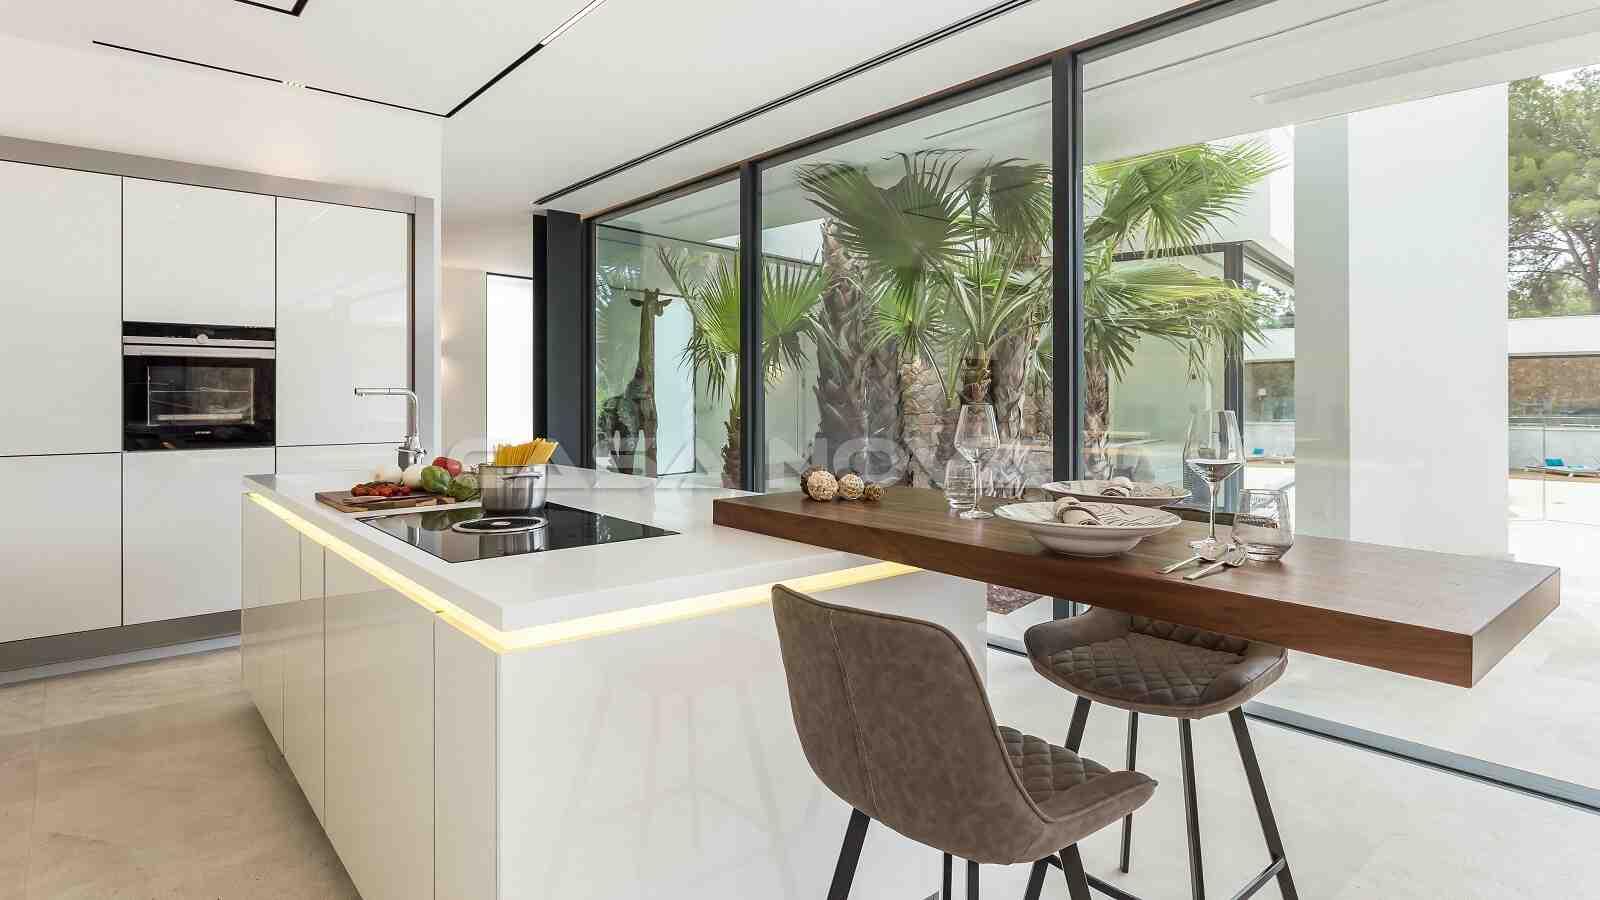 Hochwertige Einbauküche mit Kochinsel